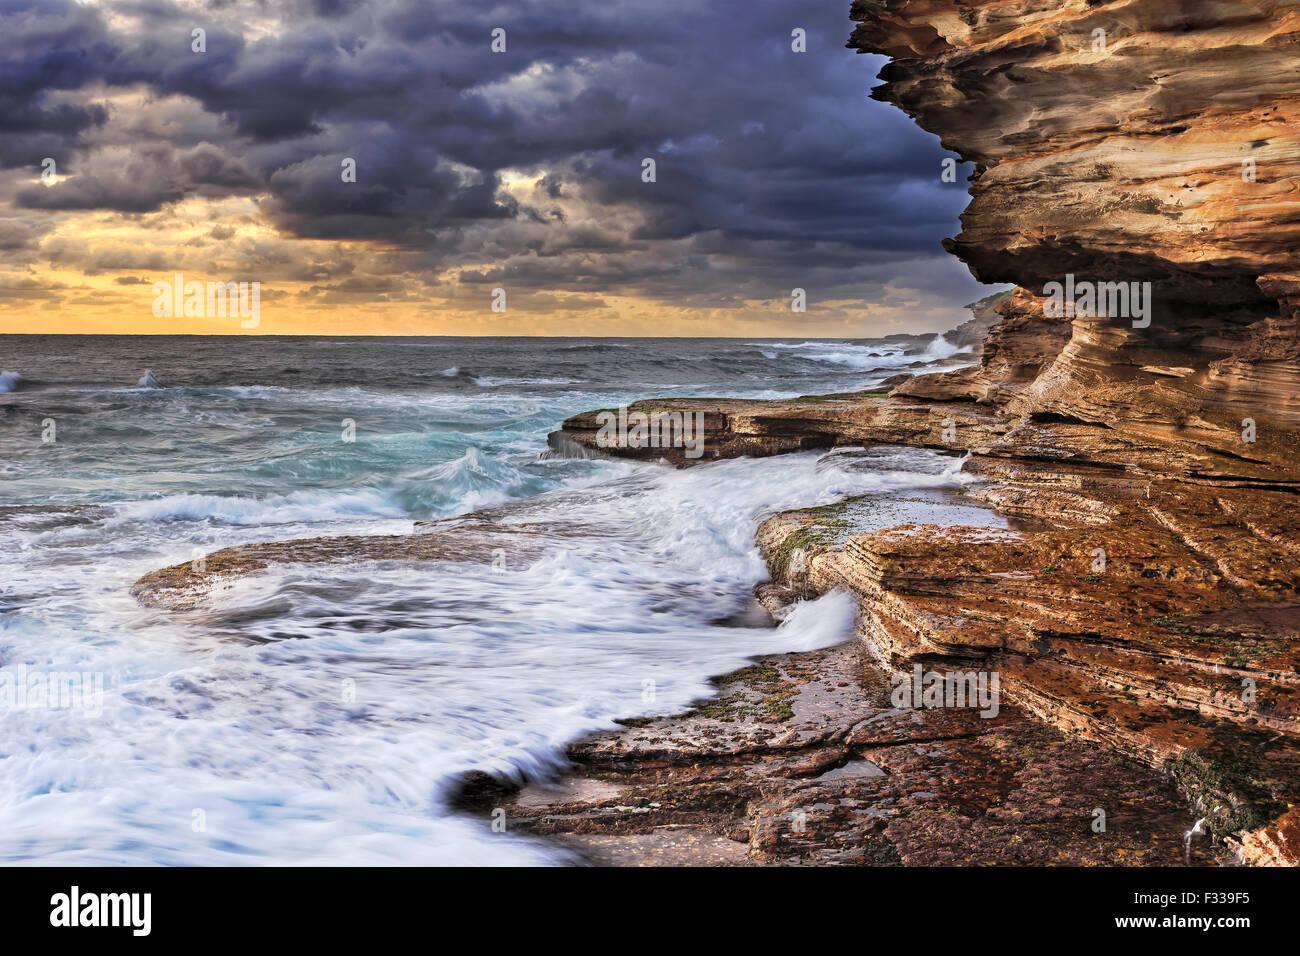 Pazifischen Ozean endlose Wellen untergraben Sandsteinfelsen der australischen Küste in der Nähe von Sydney Stockbild